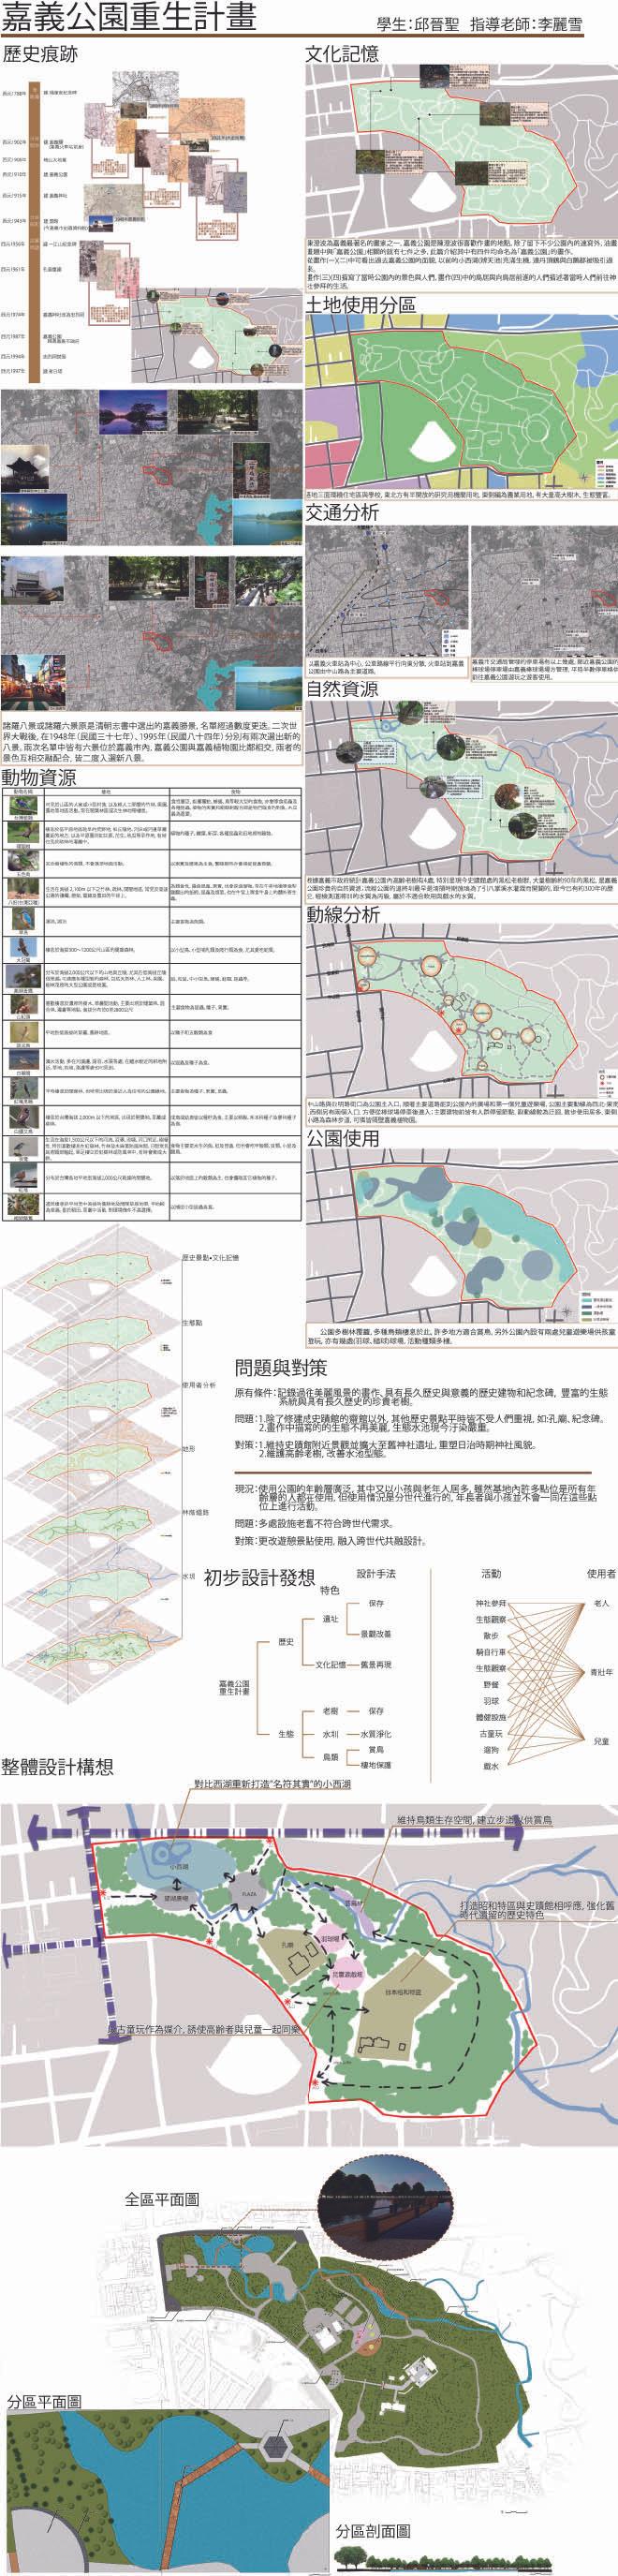 嘉義公園再生計畫-作品內容.jpg